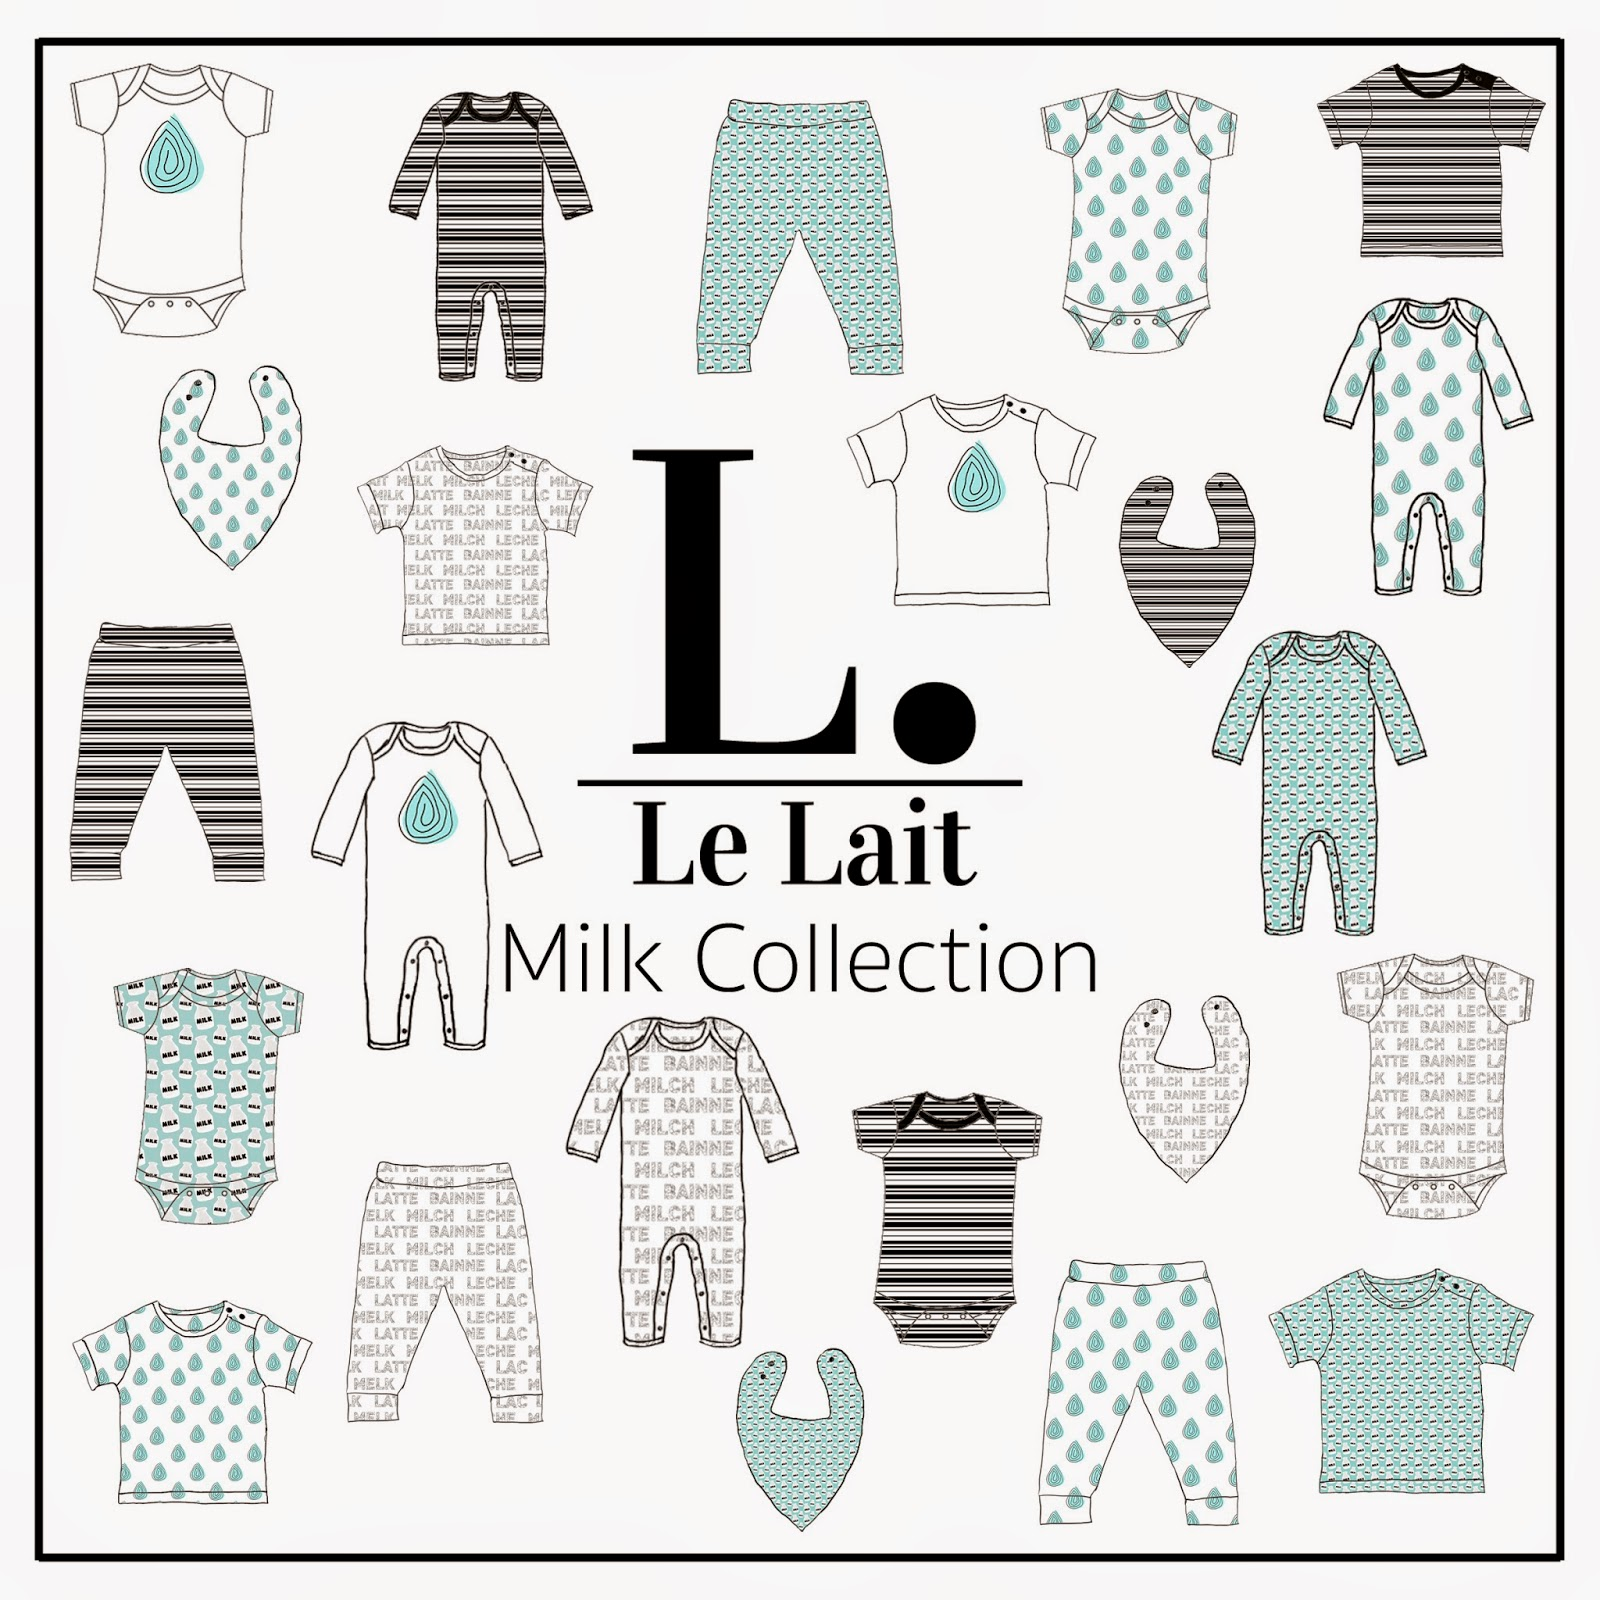 Le Lait's Milk Collection SS15